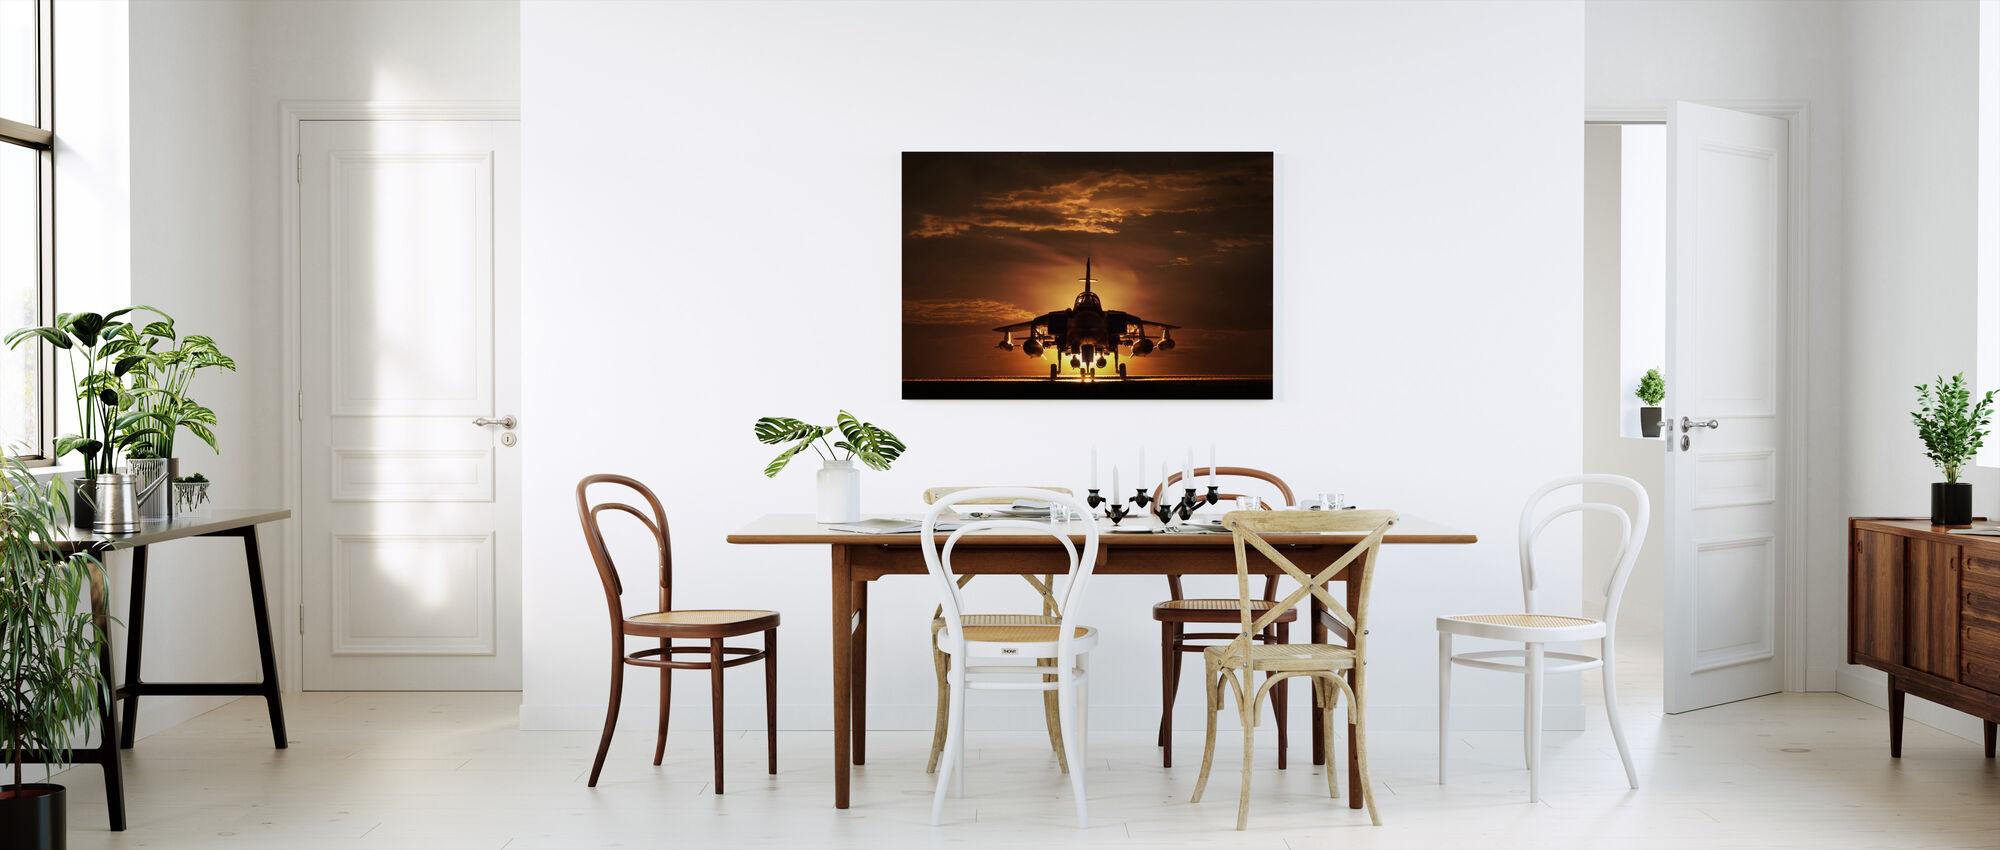 Avión puesta de sol - Lienzo - Cocina